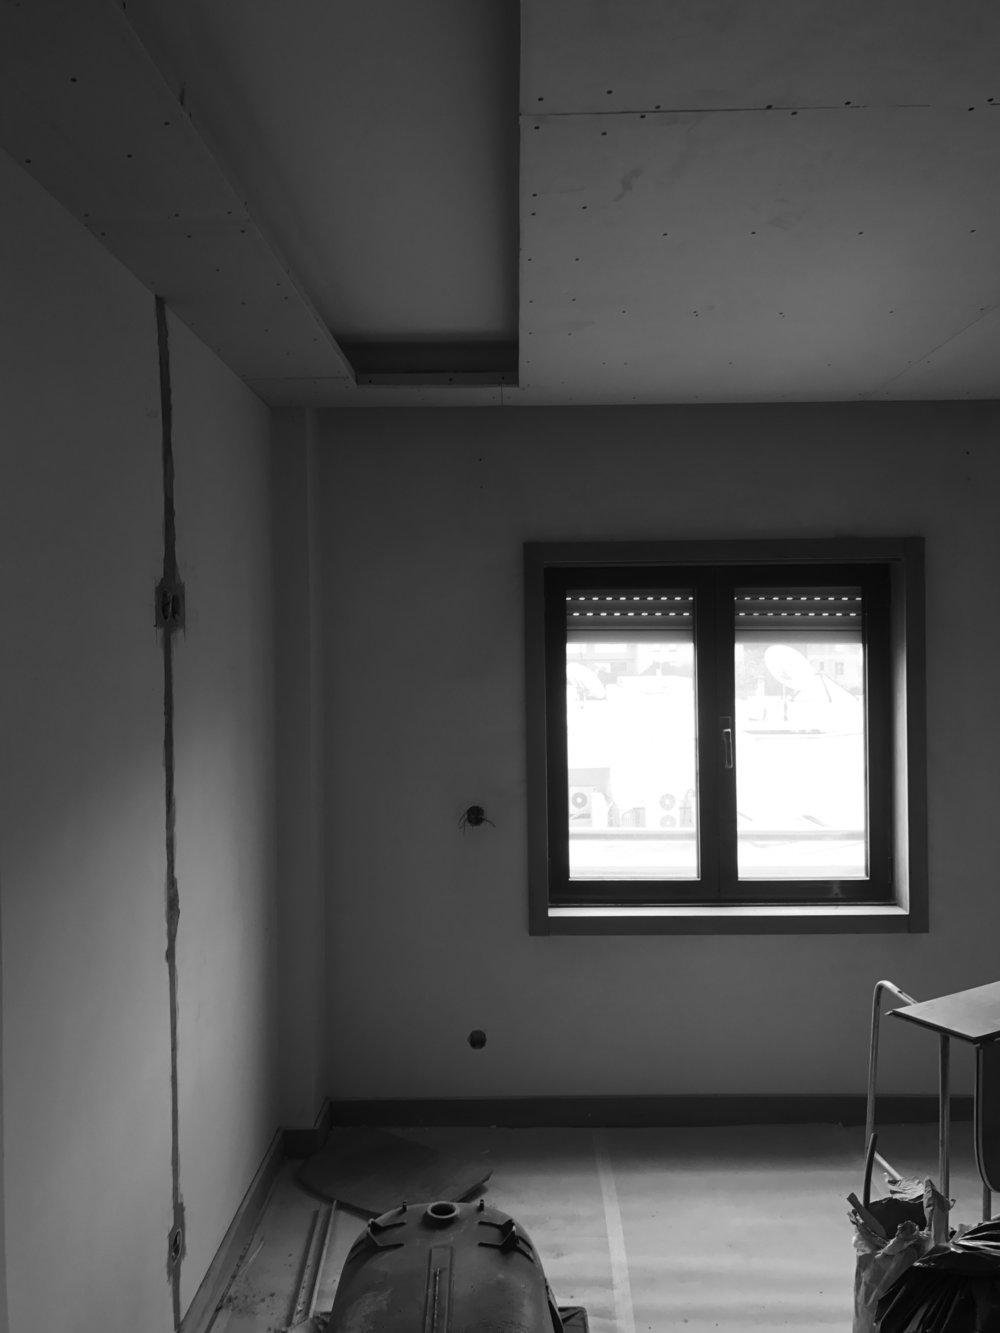 Apartamento Azul Farol - Porto - EVA evolutionary architecture - EVA atelier - Arquitecto - Remodelação (17).jpg